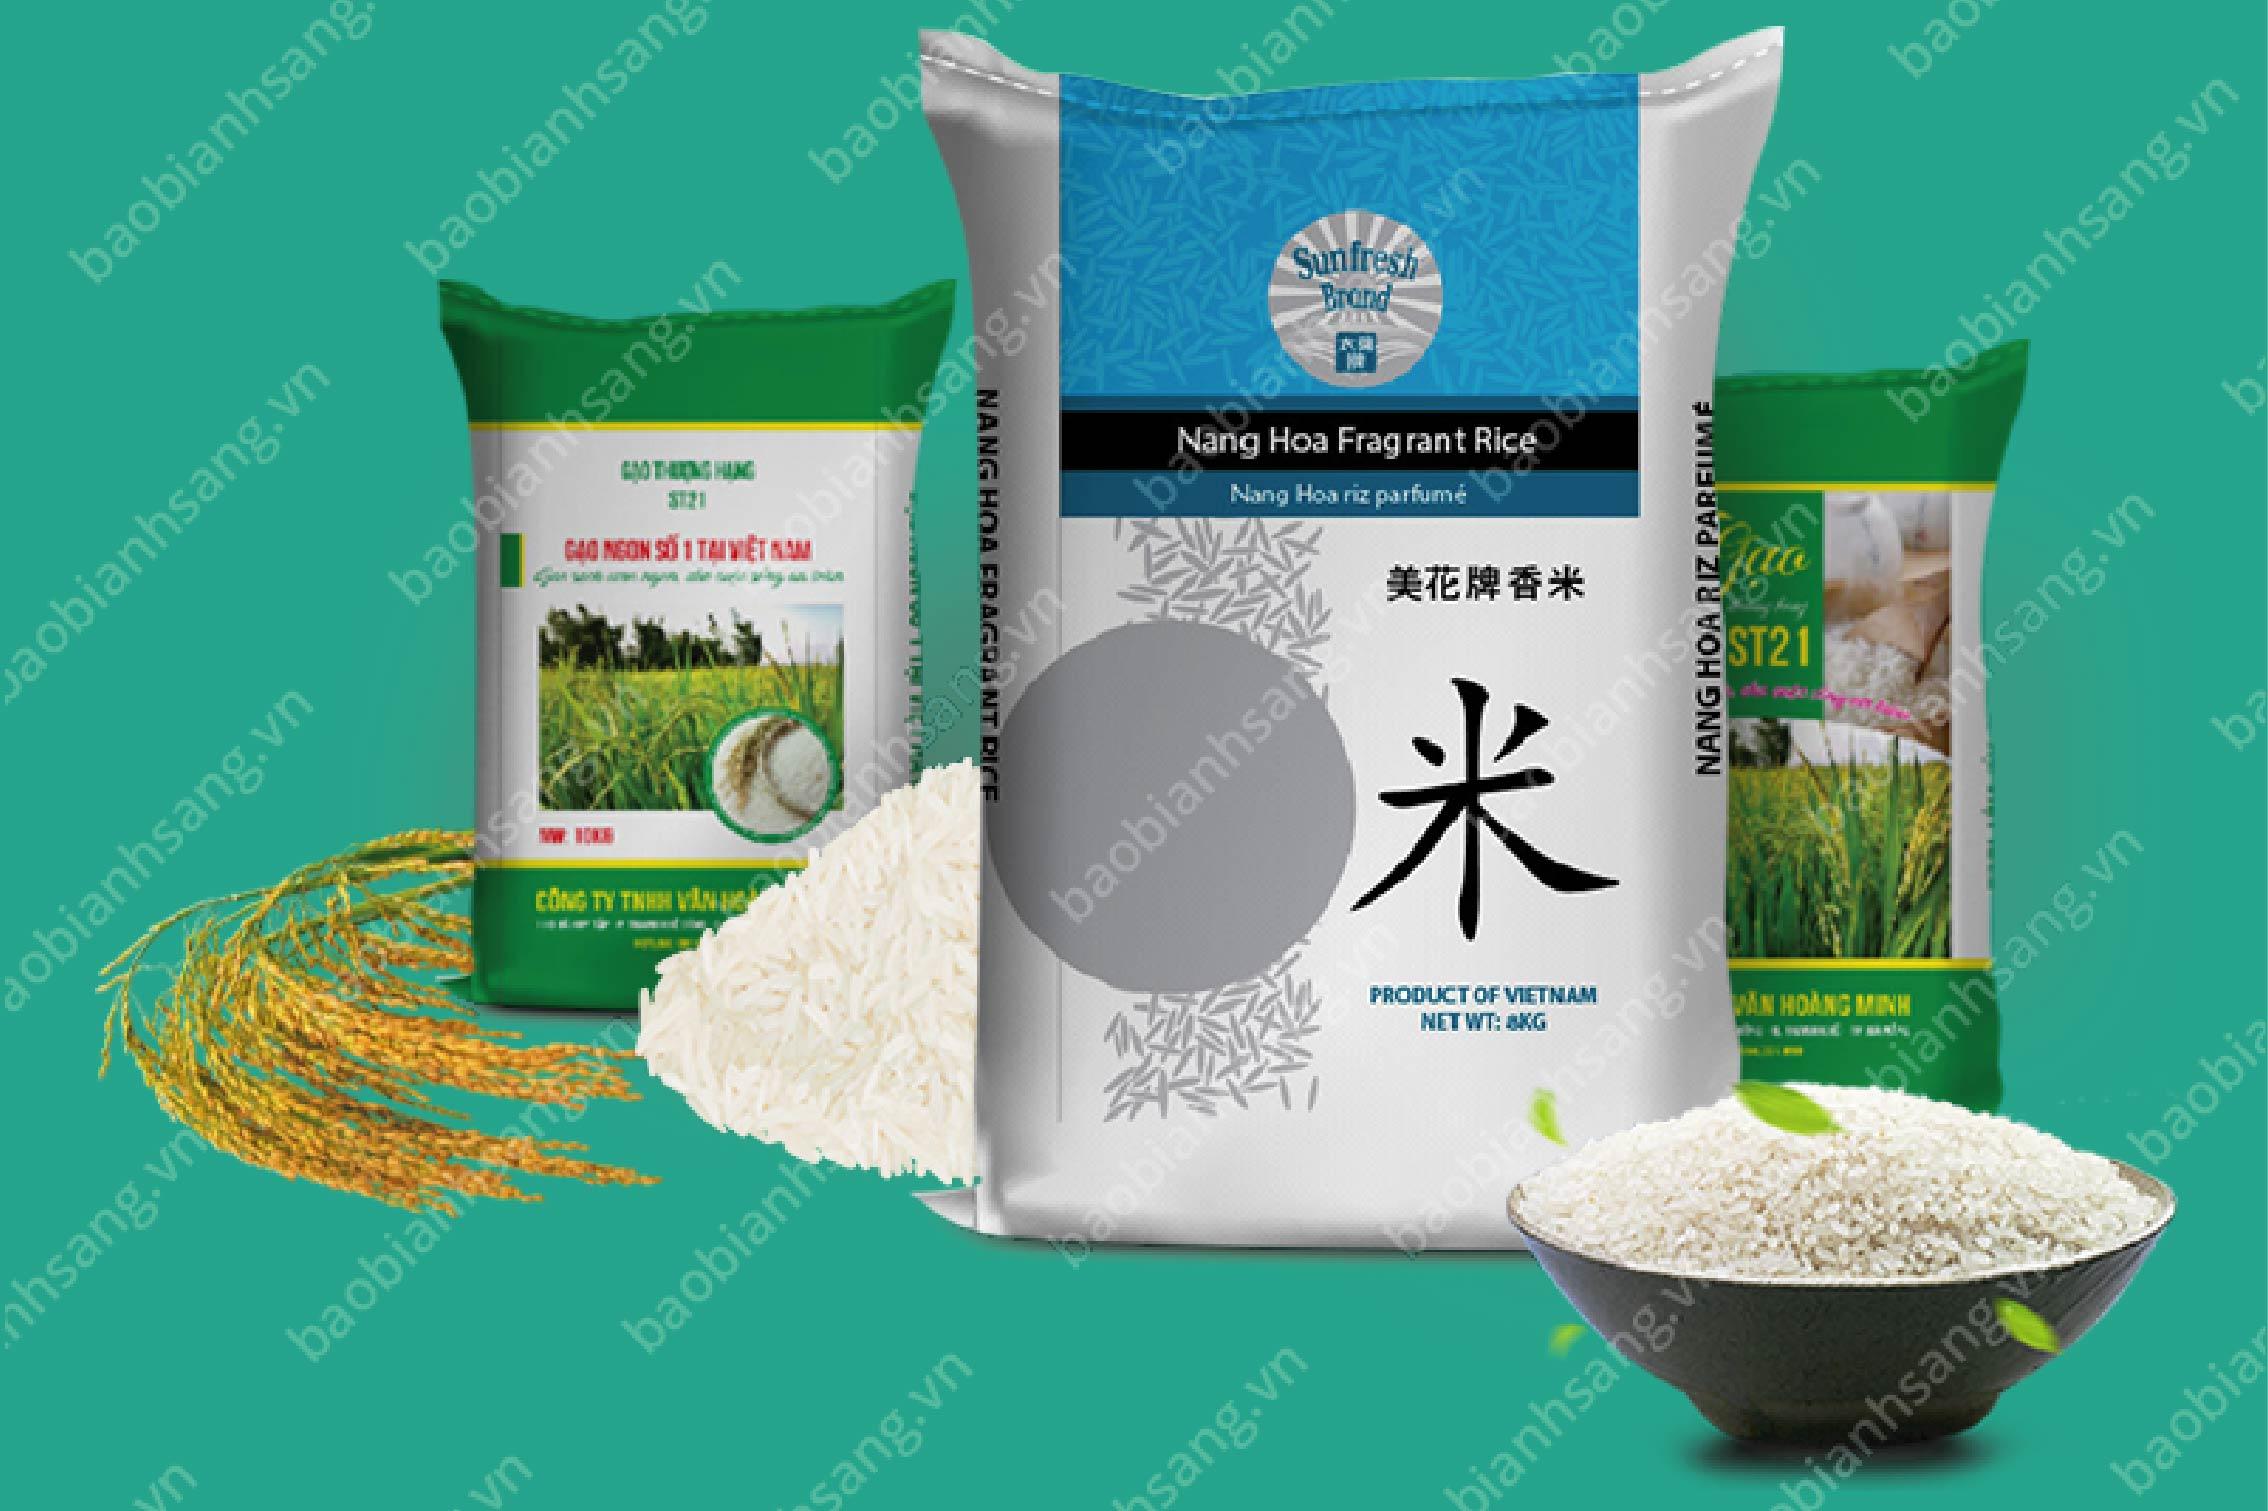 Bao bì nhựa PP (polypropylene) - bao bì nhựa ngành thực phẩm